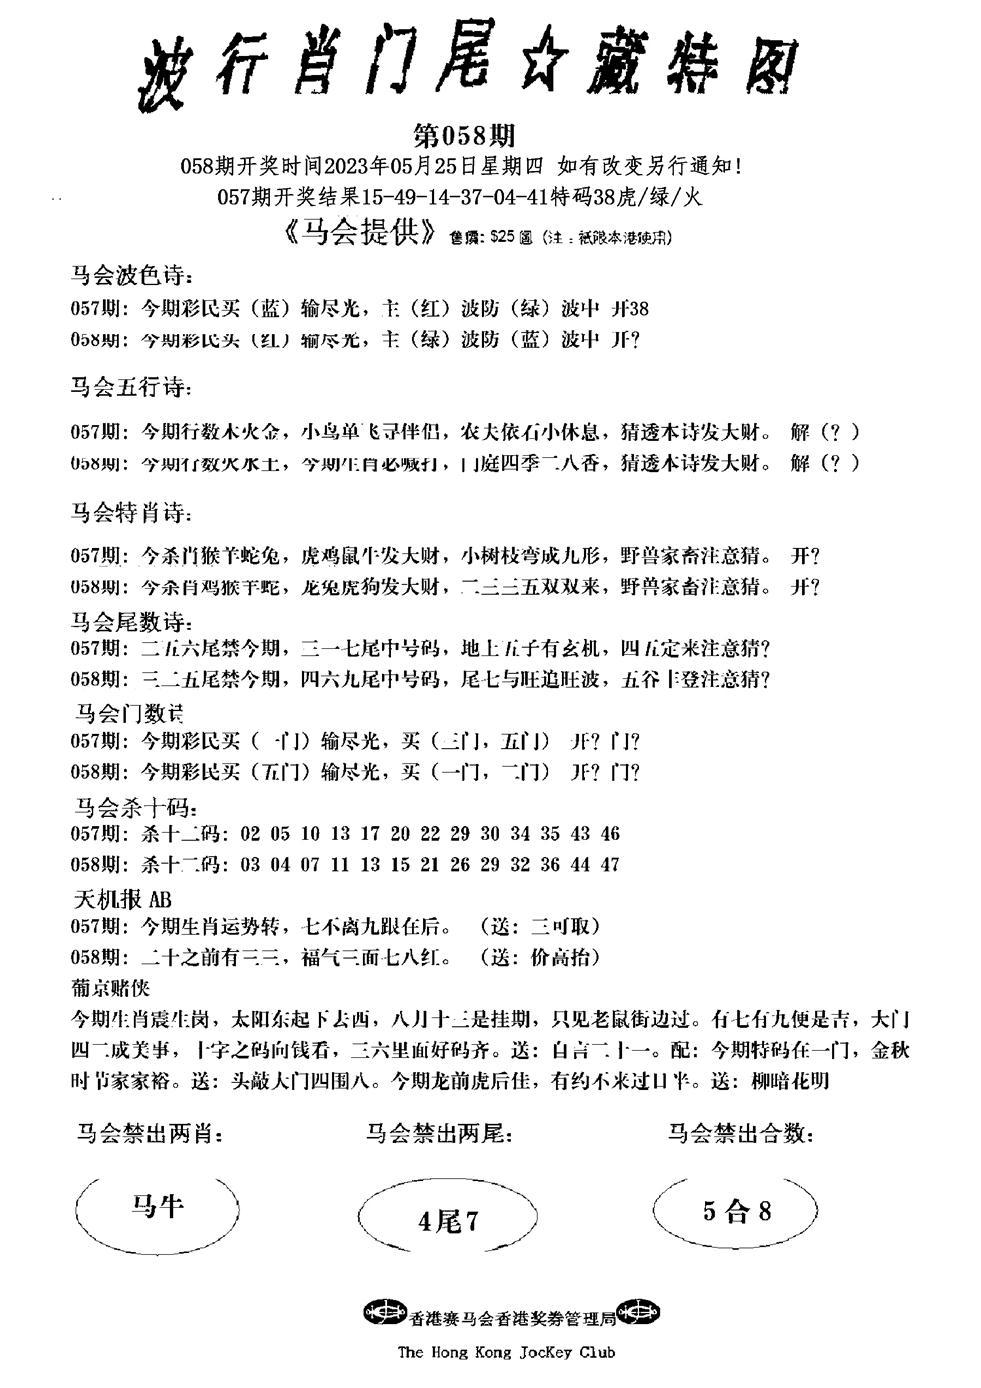 058期波行肖尾藏特图(黑白)